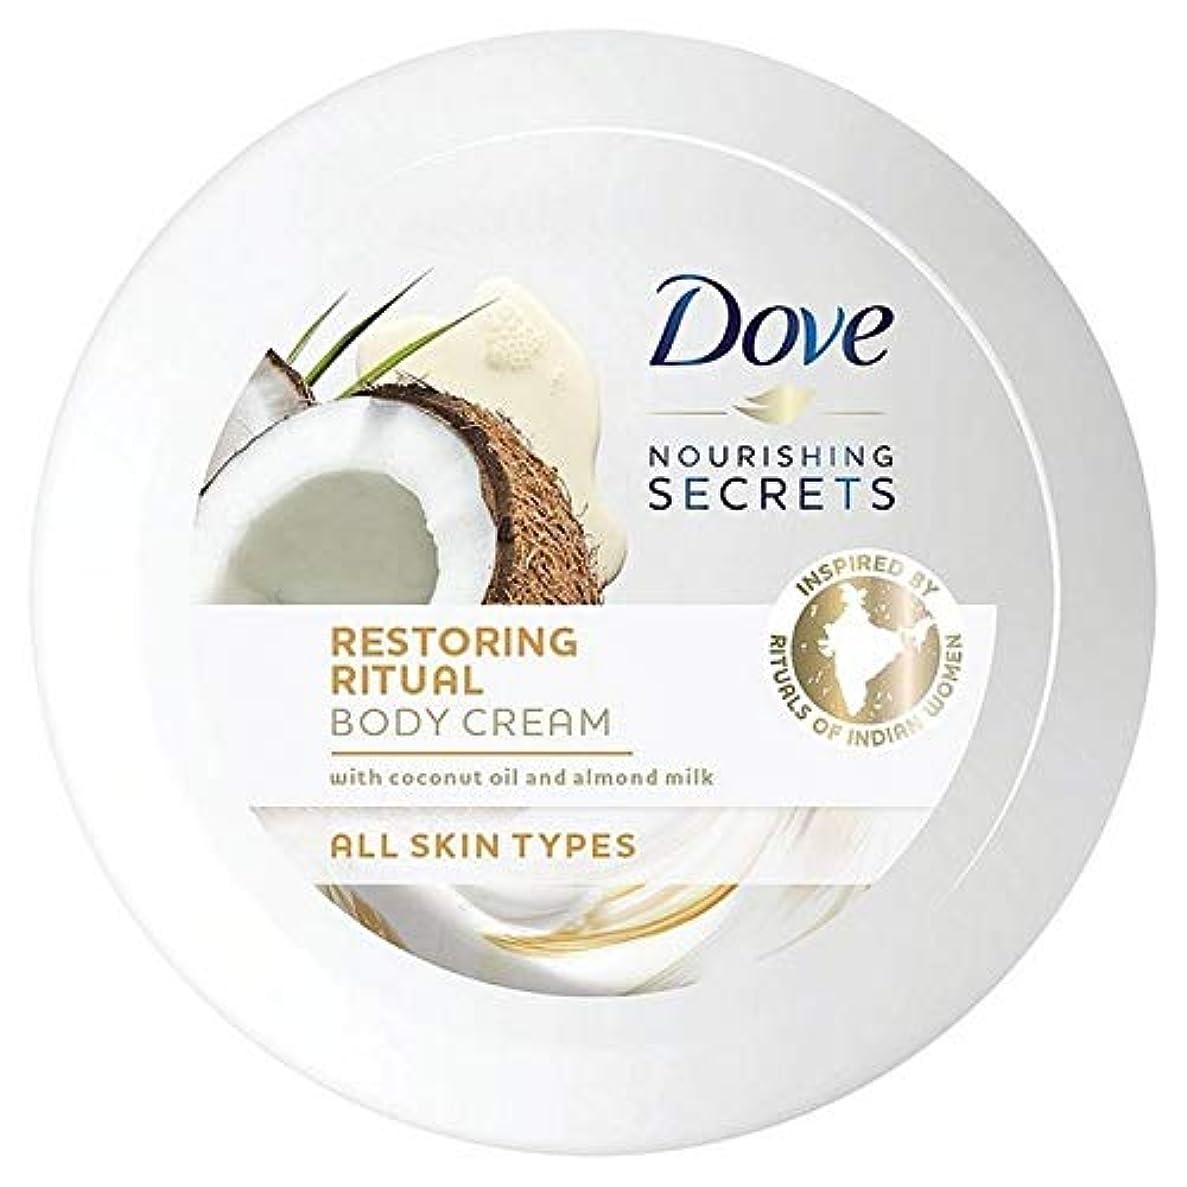 ぺディカブ窒息させる気づくなる[Dove ] ボディクリーム250ミリリットルを復元鳩栄養秘密のココナッツオイル - Dove Nourishing Secrets Coconut Oil Restoring Body Cream 250ml [並行輸入品]